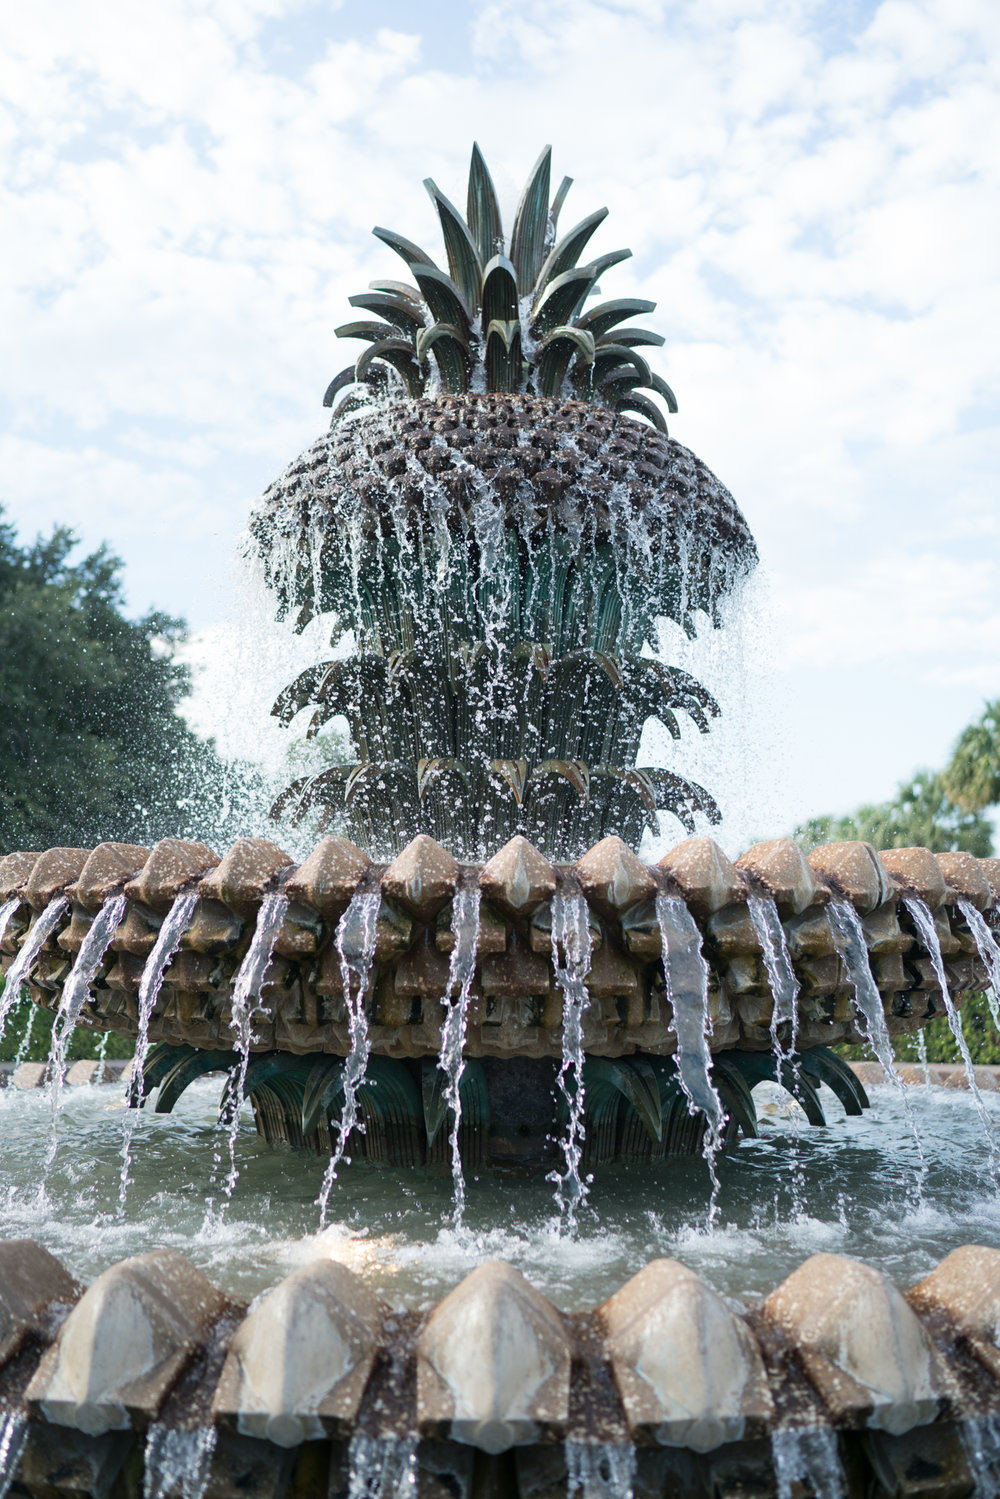 Charleston Pineapple Fountain | Never Settle Travel